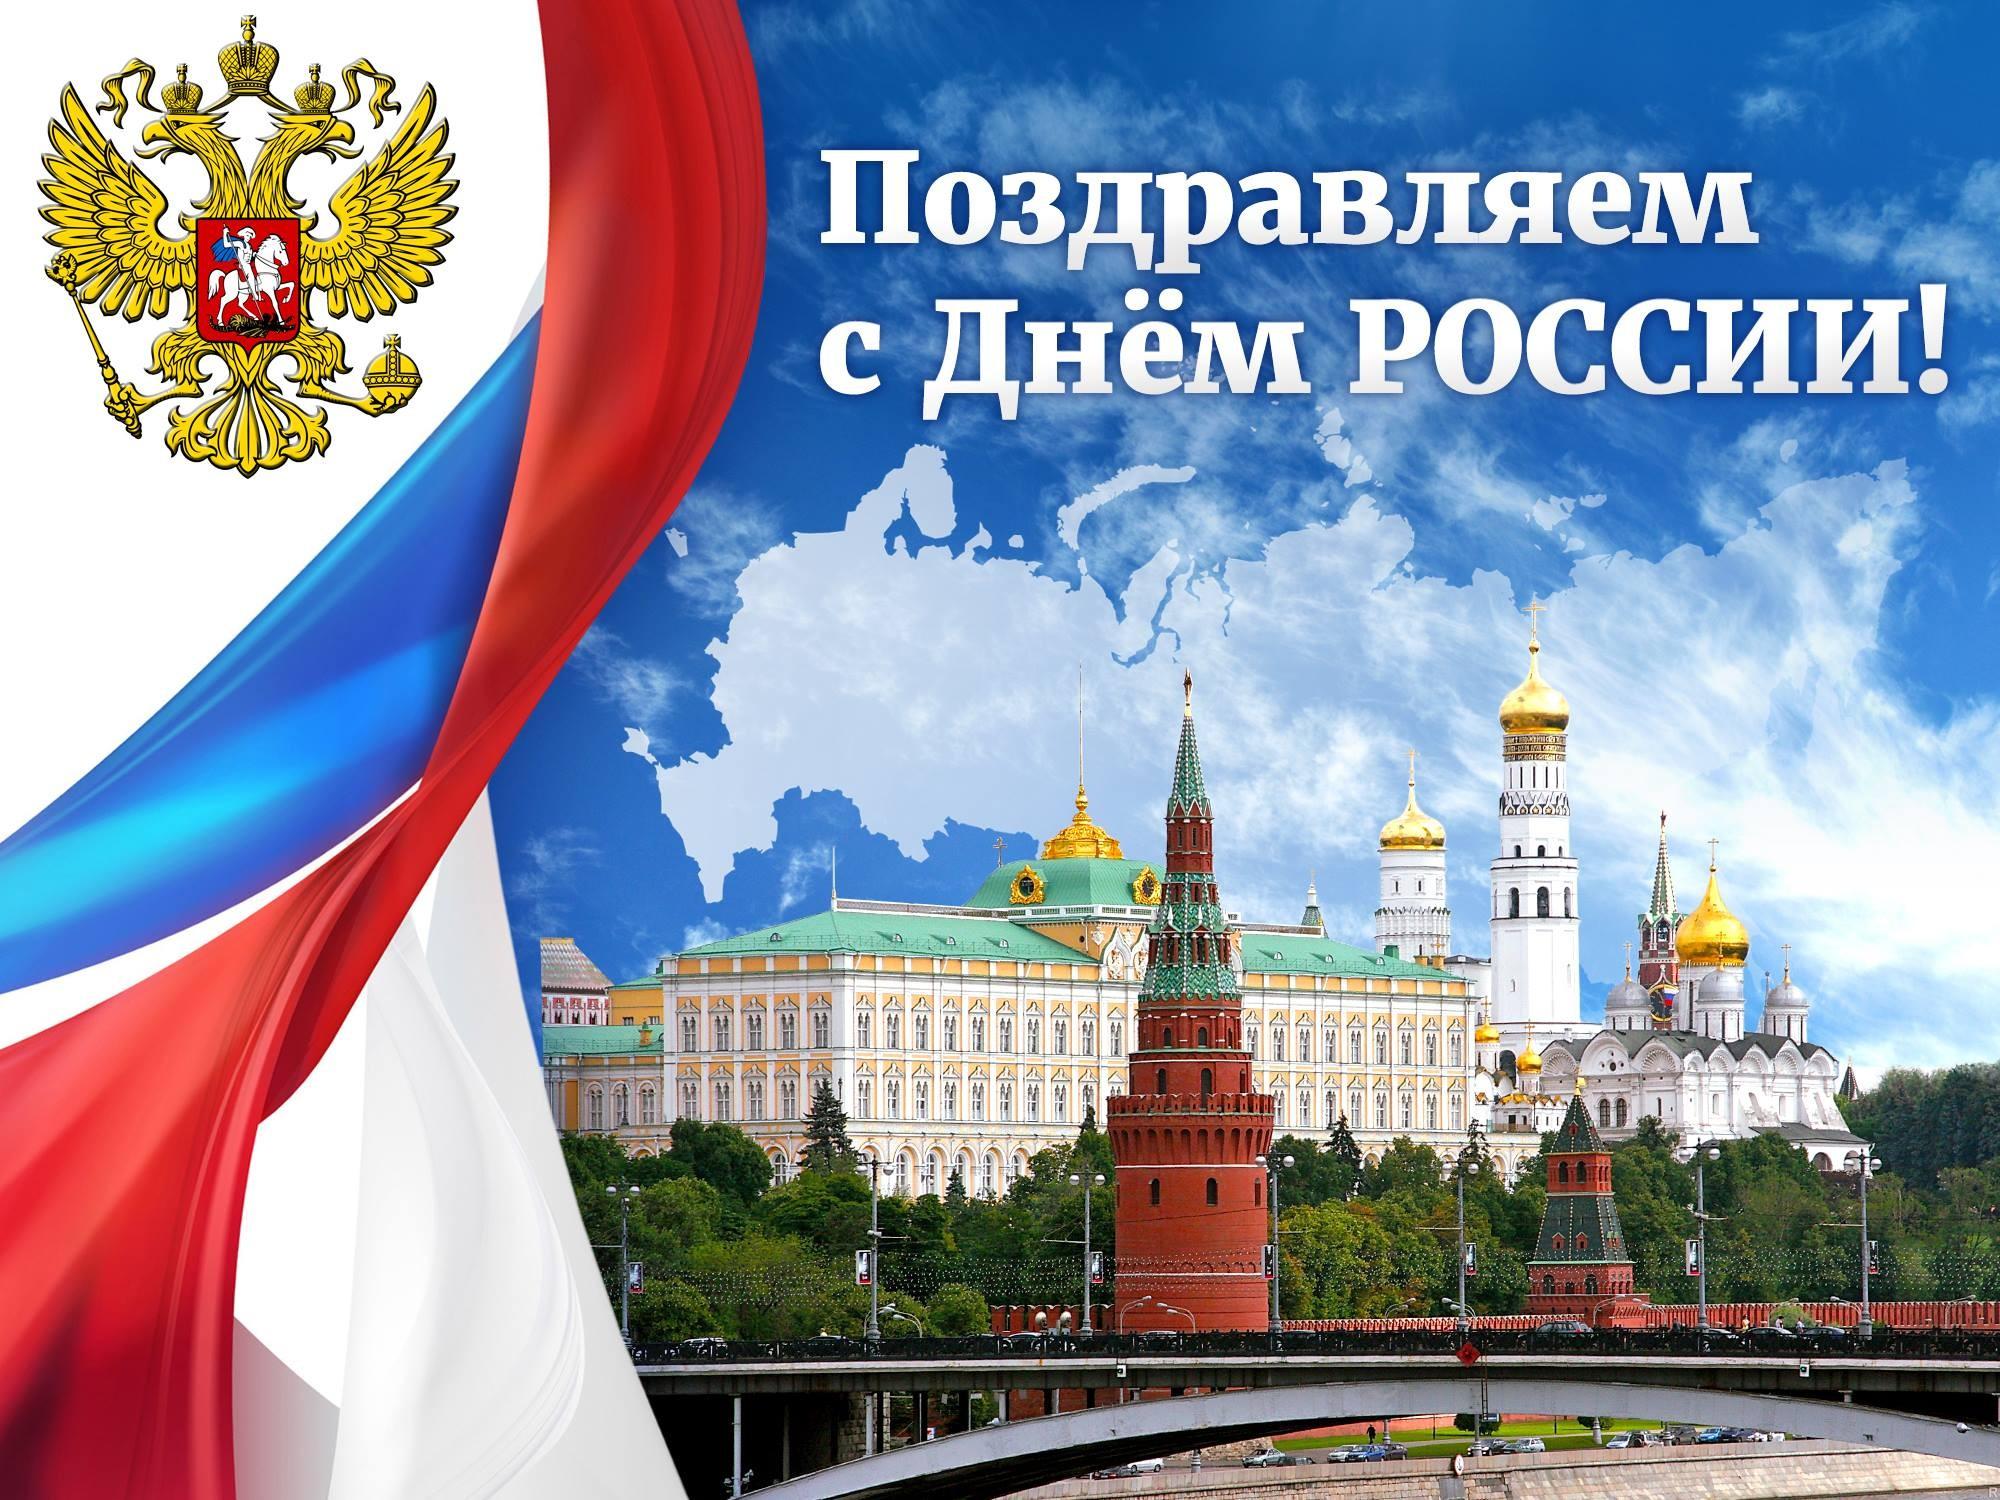 Картинки для поздравления с днем россии